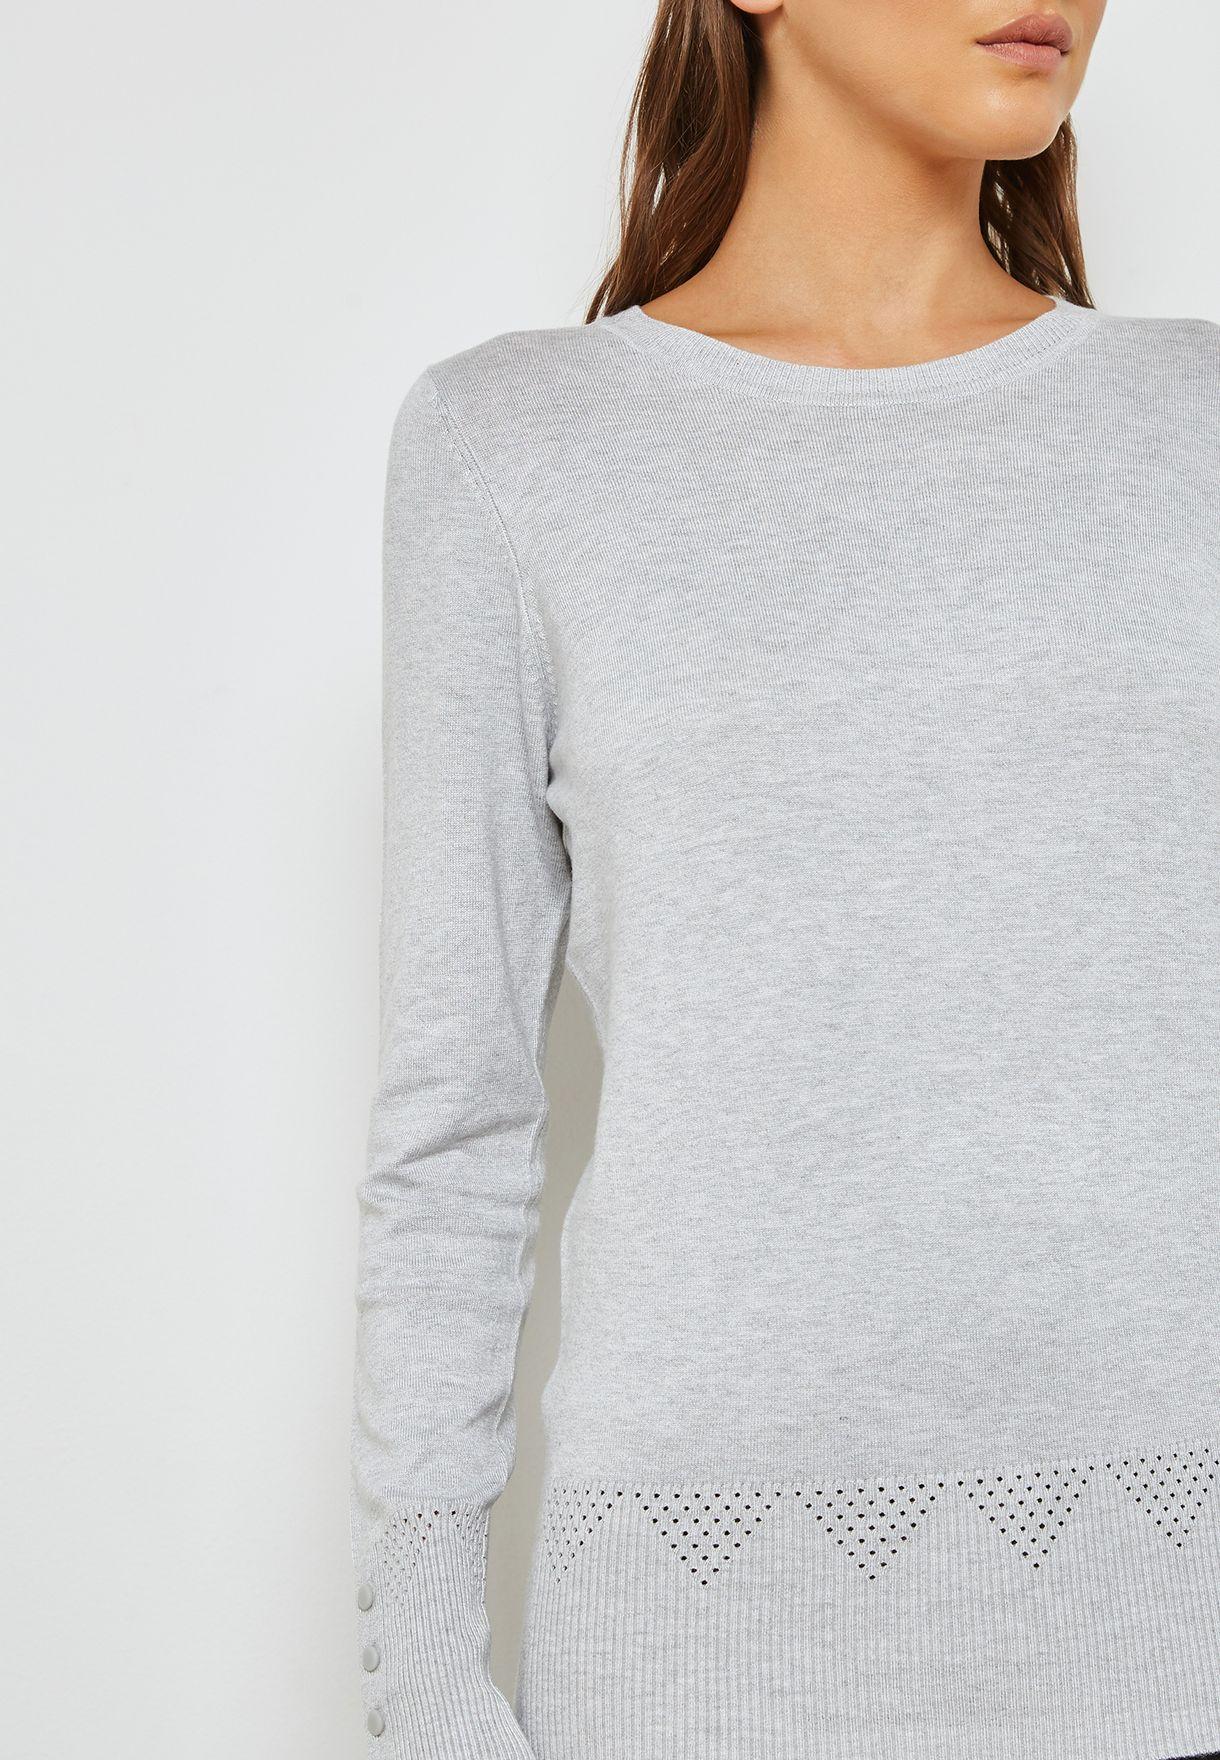 Eyelet Detail Sweater